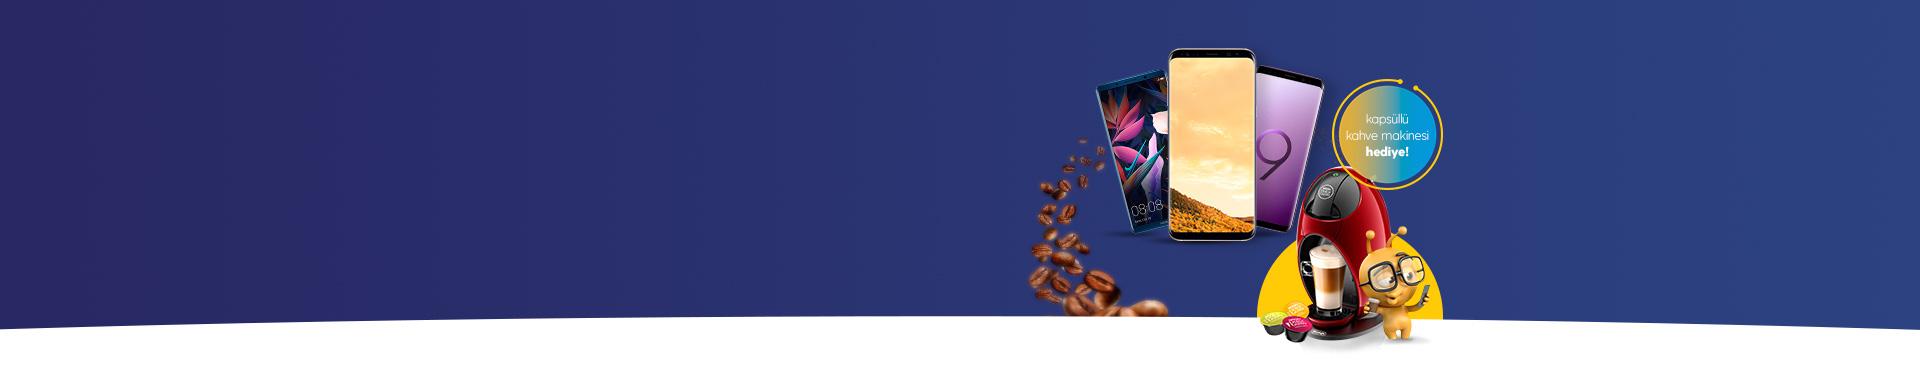 Kontratlı Cihaz Almanın Tam Zamanı turkcell.com.tr'den kontratlı cihaz alanlara, NESCAFÉ Dolce Gusto Jovia Kahve Makinesi + 3 kutu kapsül hediye!